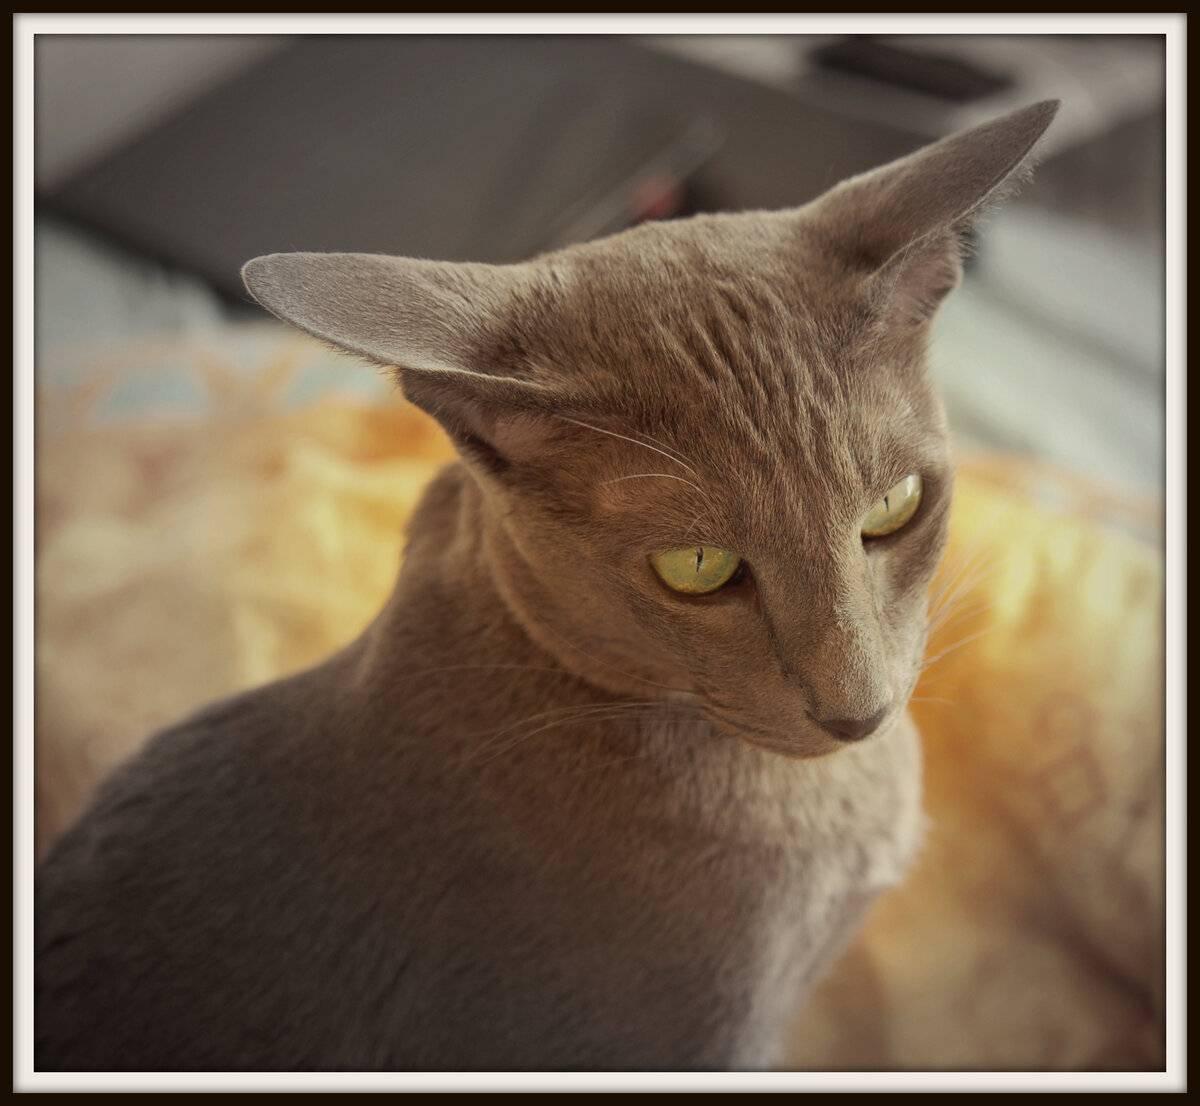 Кошка шипит на хозяина, чужих людей или определенного человека: почему это происходит и что делать?